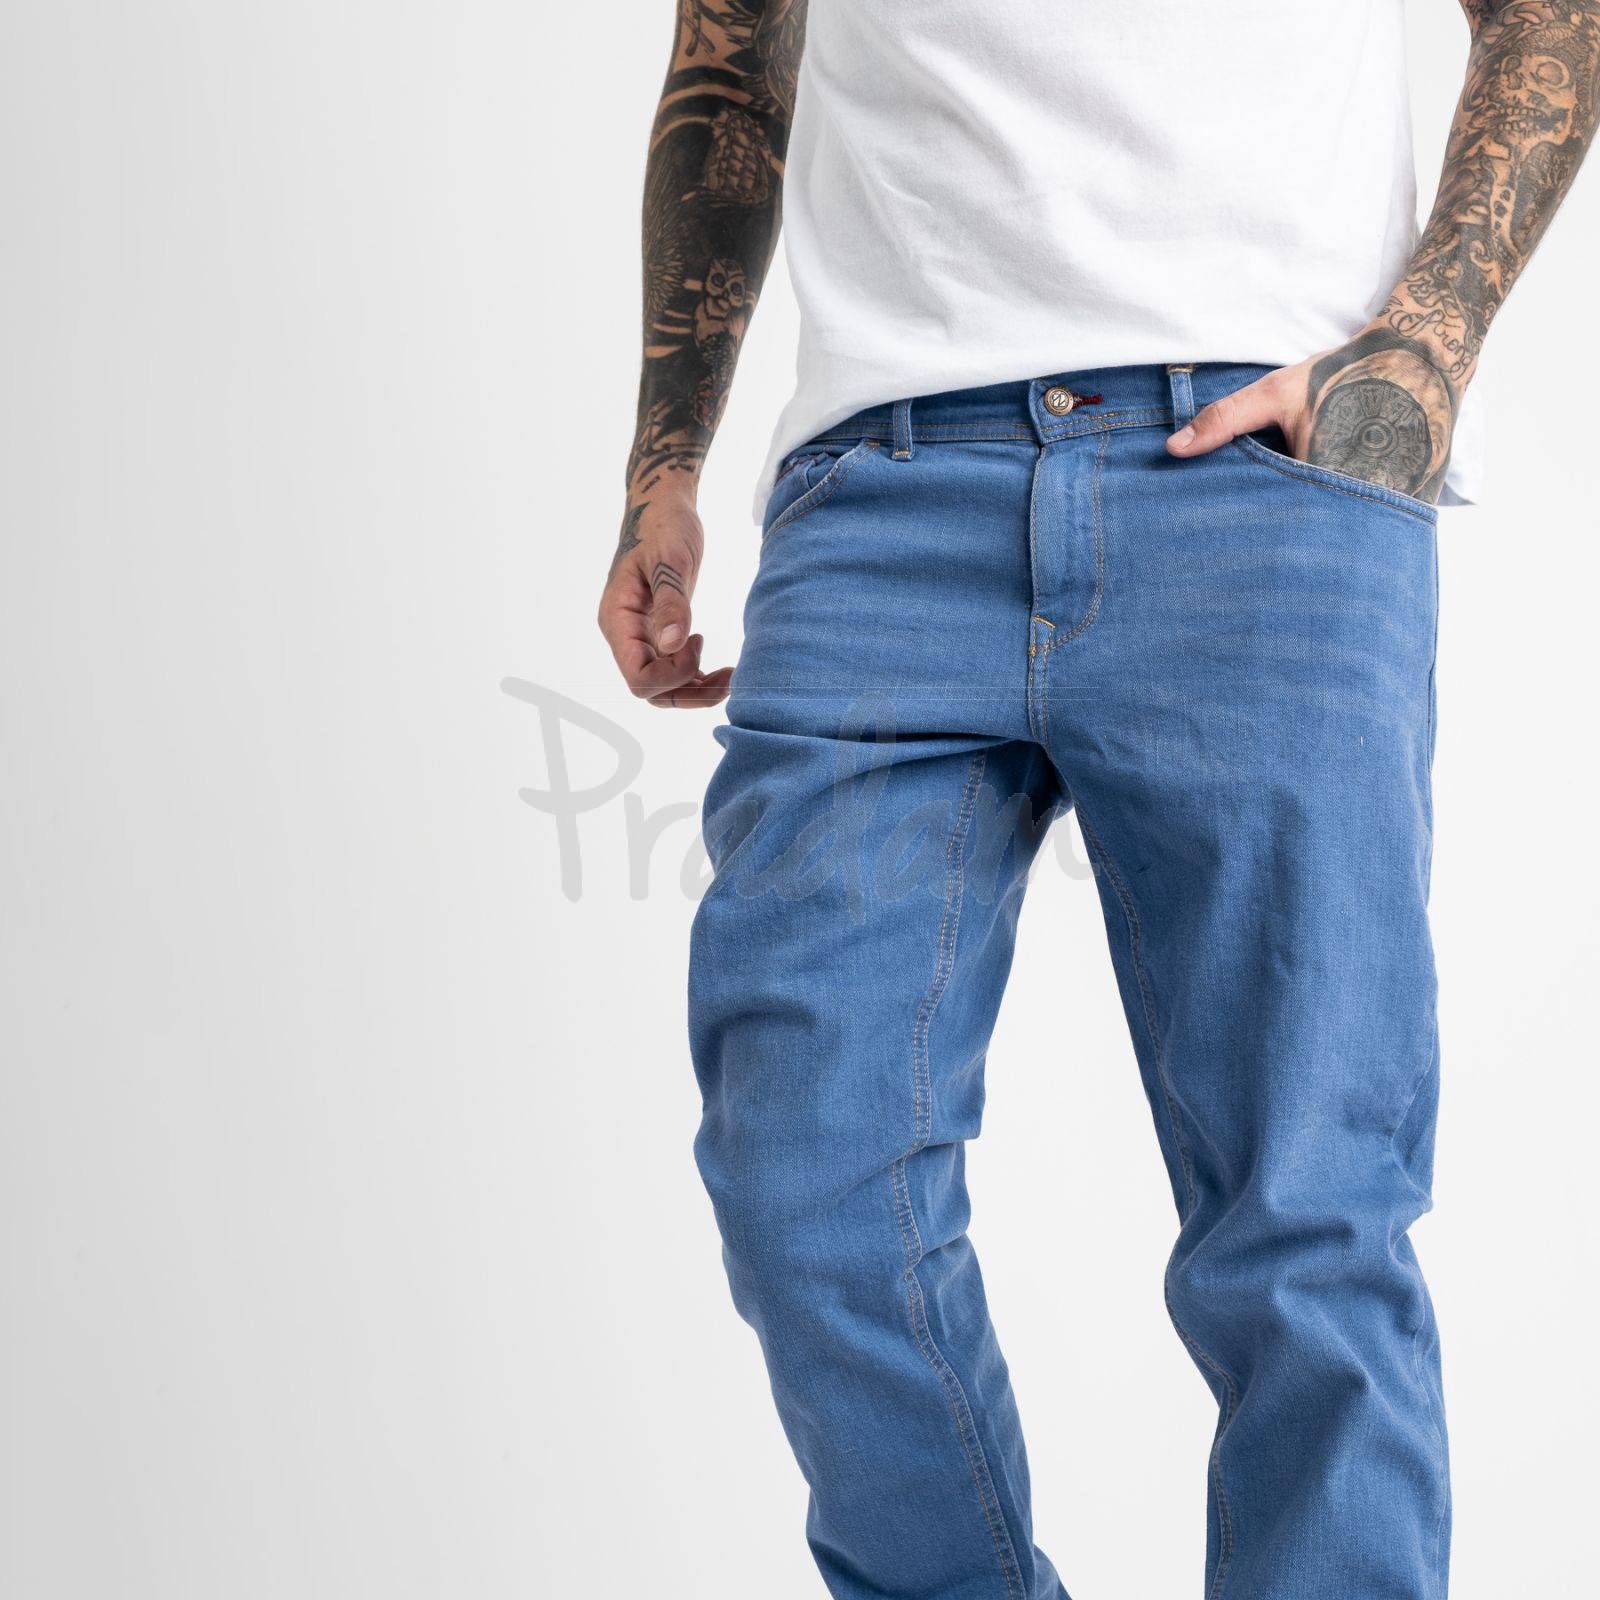 1932-1 Nescoly джинсы мужские голубые стрейчевые (8 ед. размеры: 30.32.34/2.36/2.38/2)